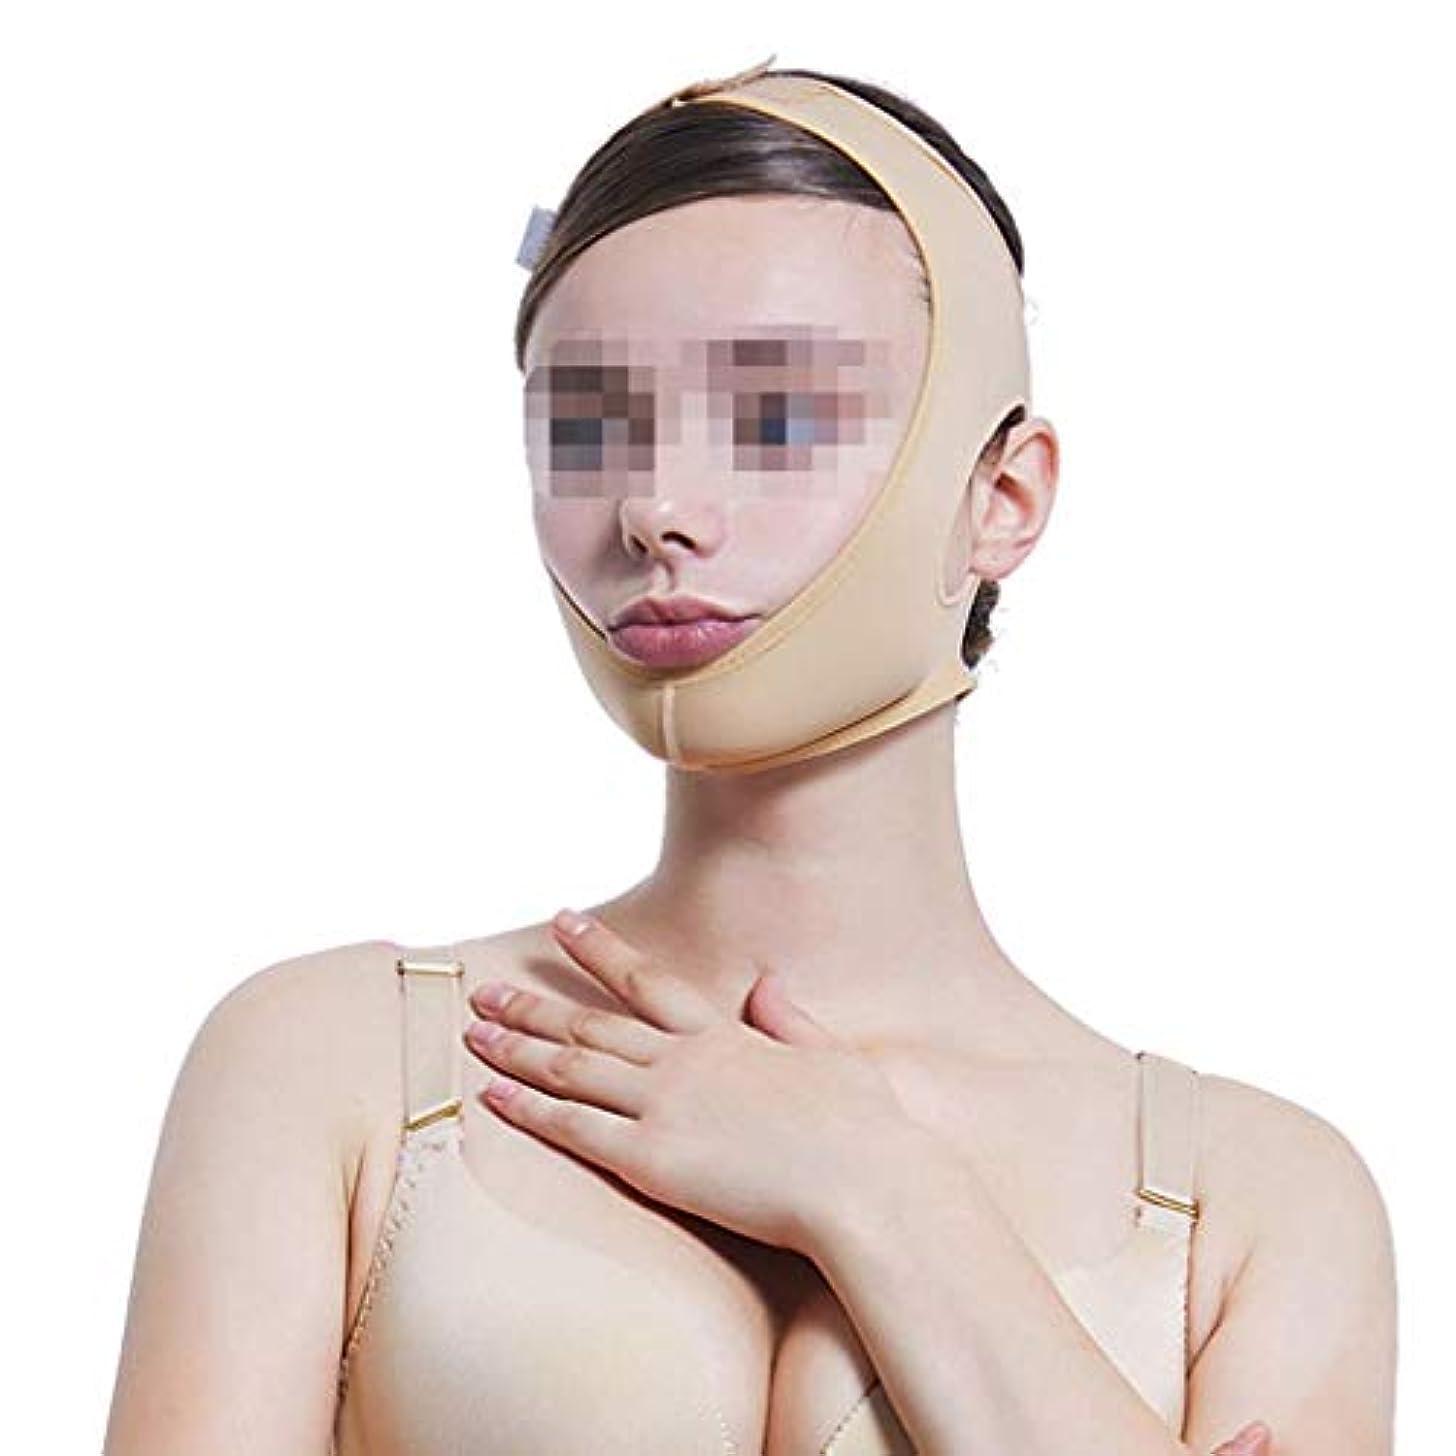 シャンプーロールコンデンサービームフェイス弾性ヘッドギア、ダブルあごのあごのセットをマスクの後に線彫り薄いフェイス包帯マルチサイズオプション(サイズ:XS),XS